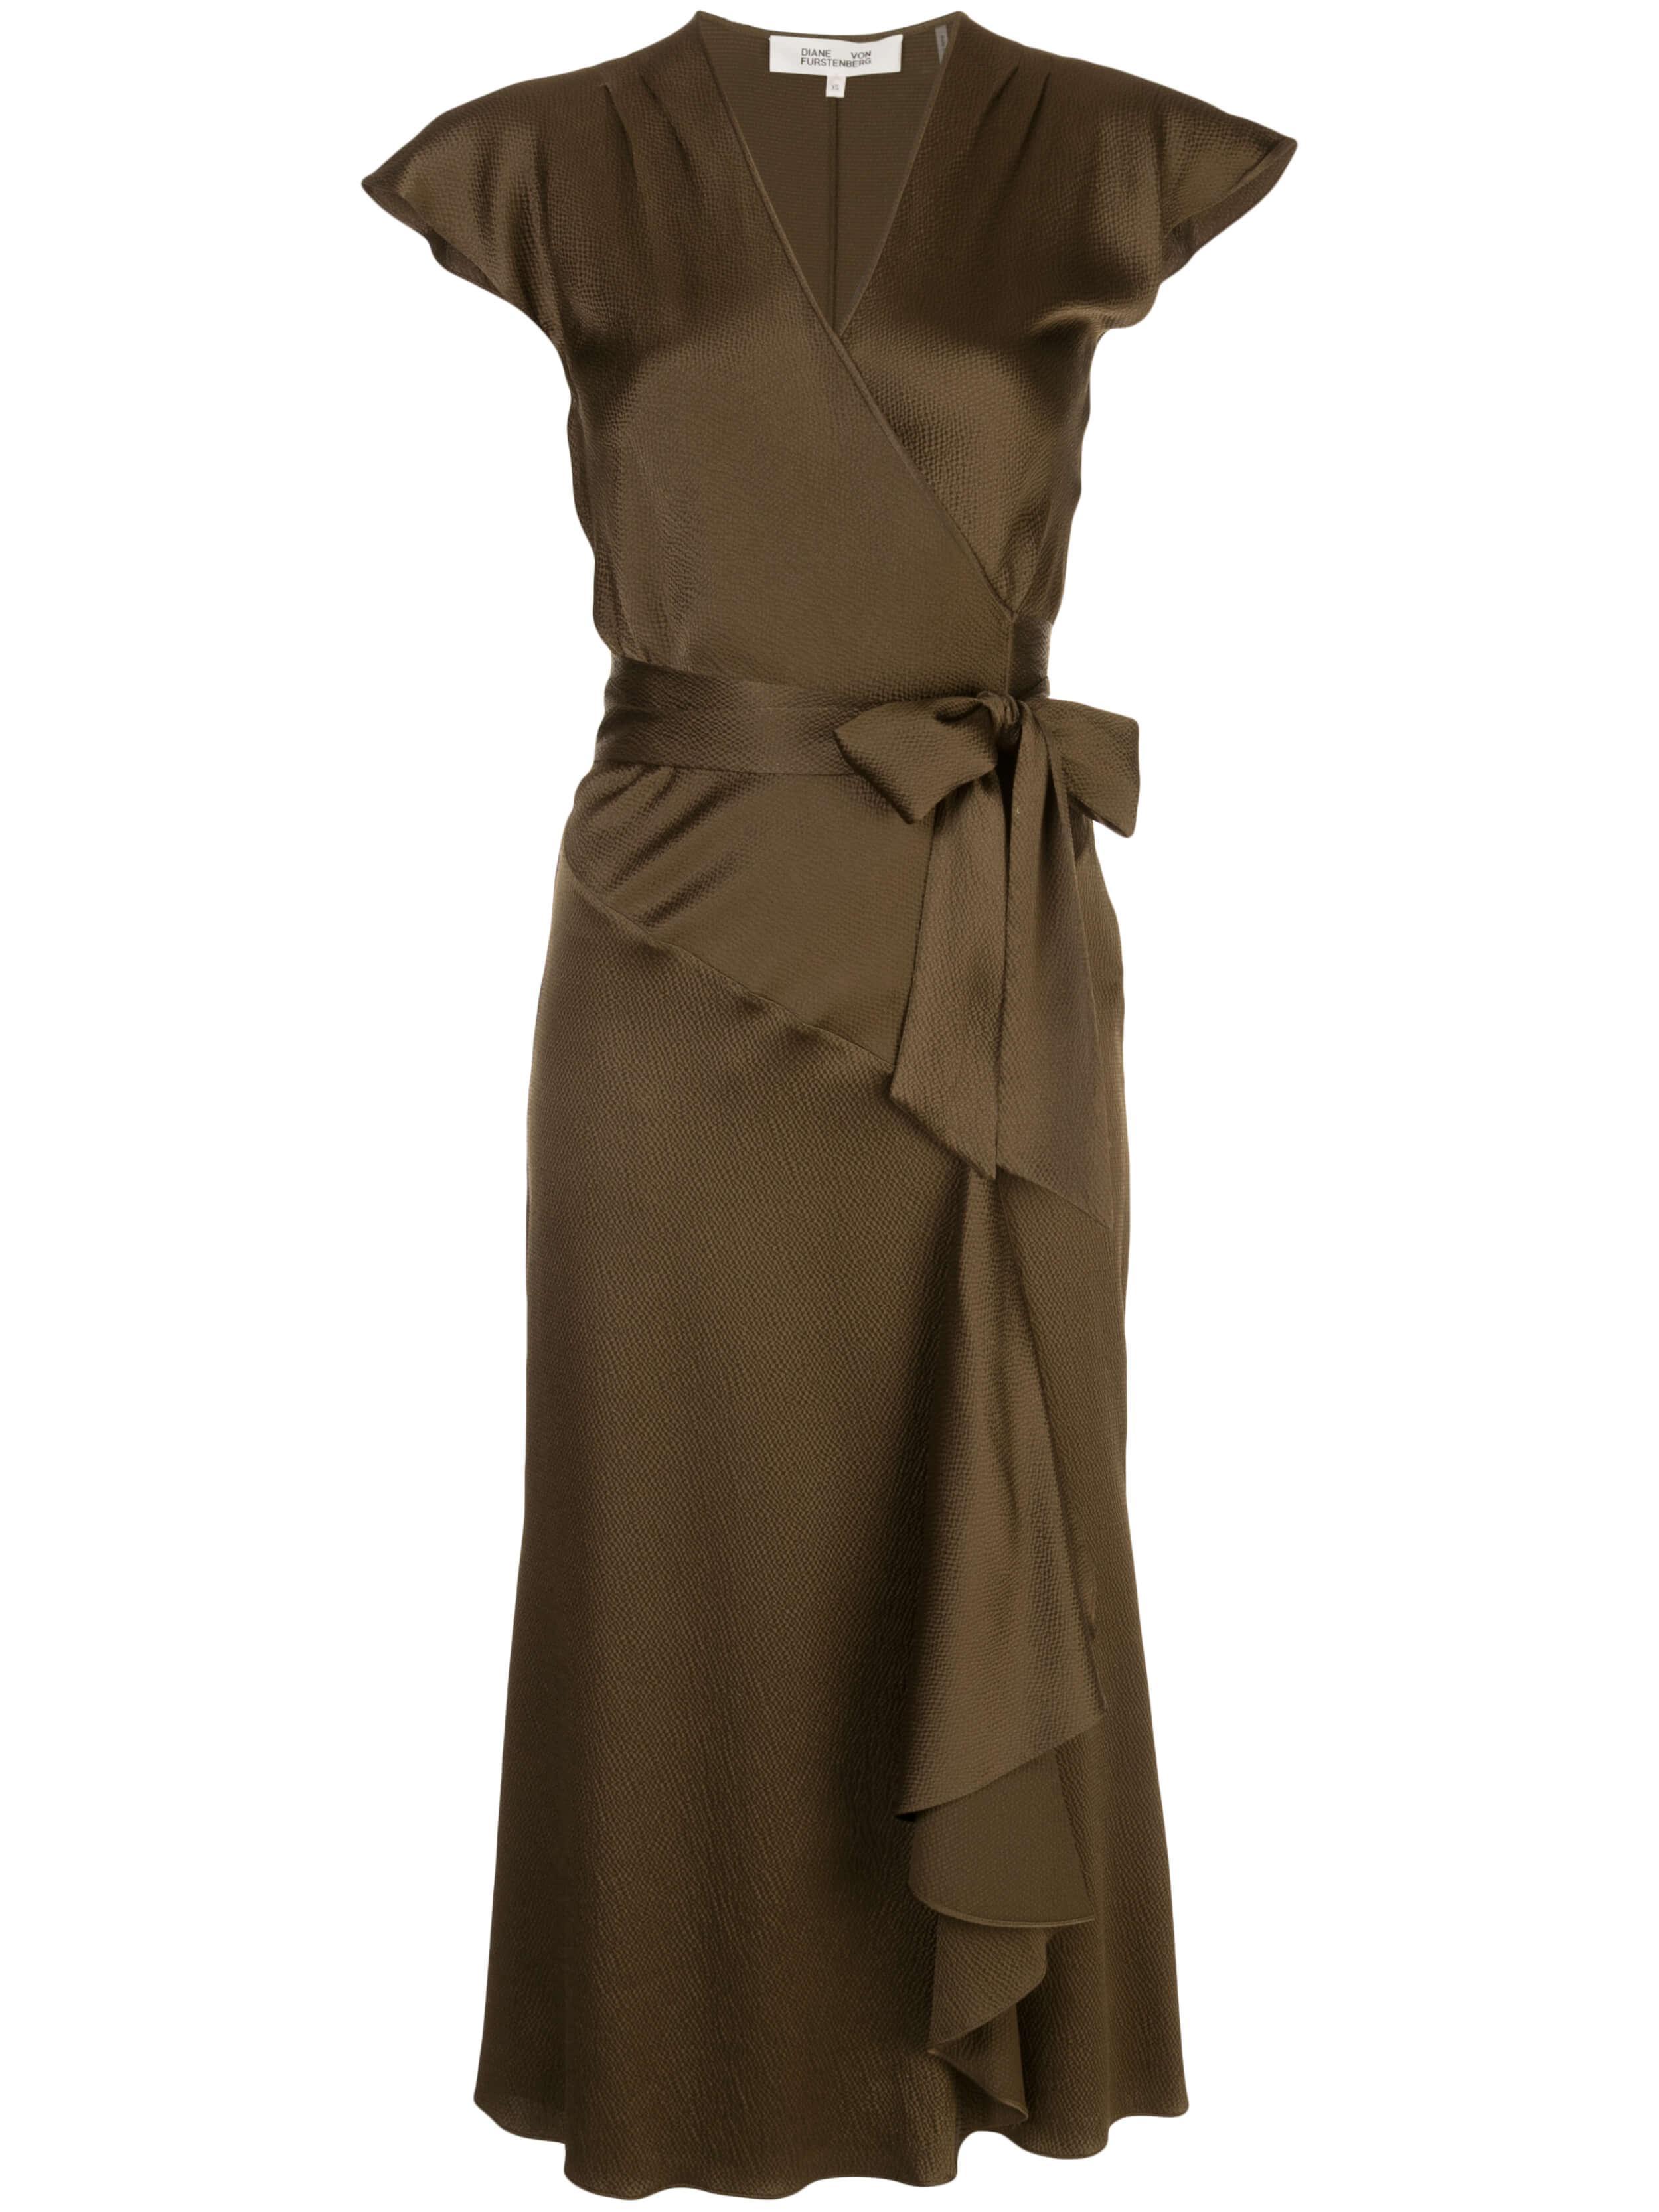 Gwendolyn Hammered Satin Wrap Dress Item # 14517DVF